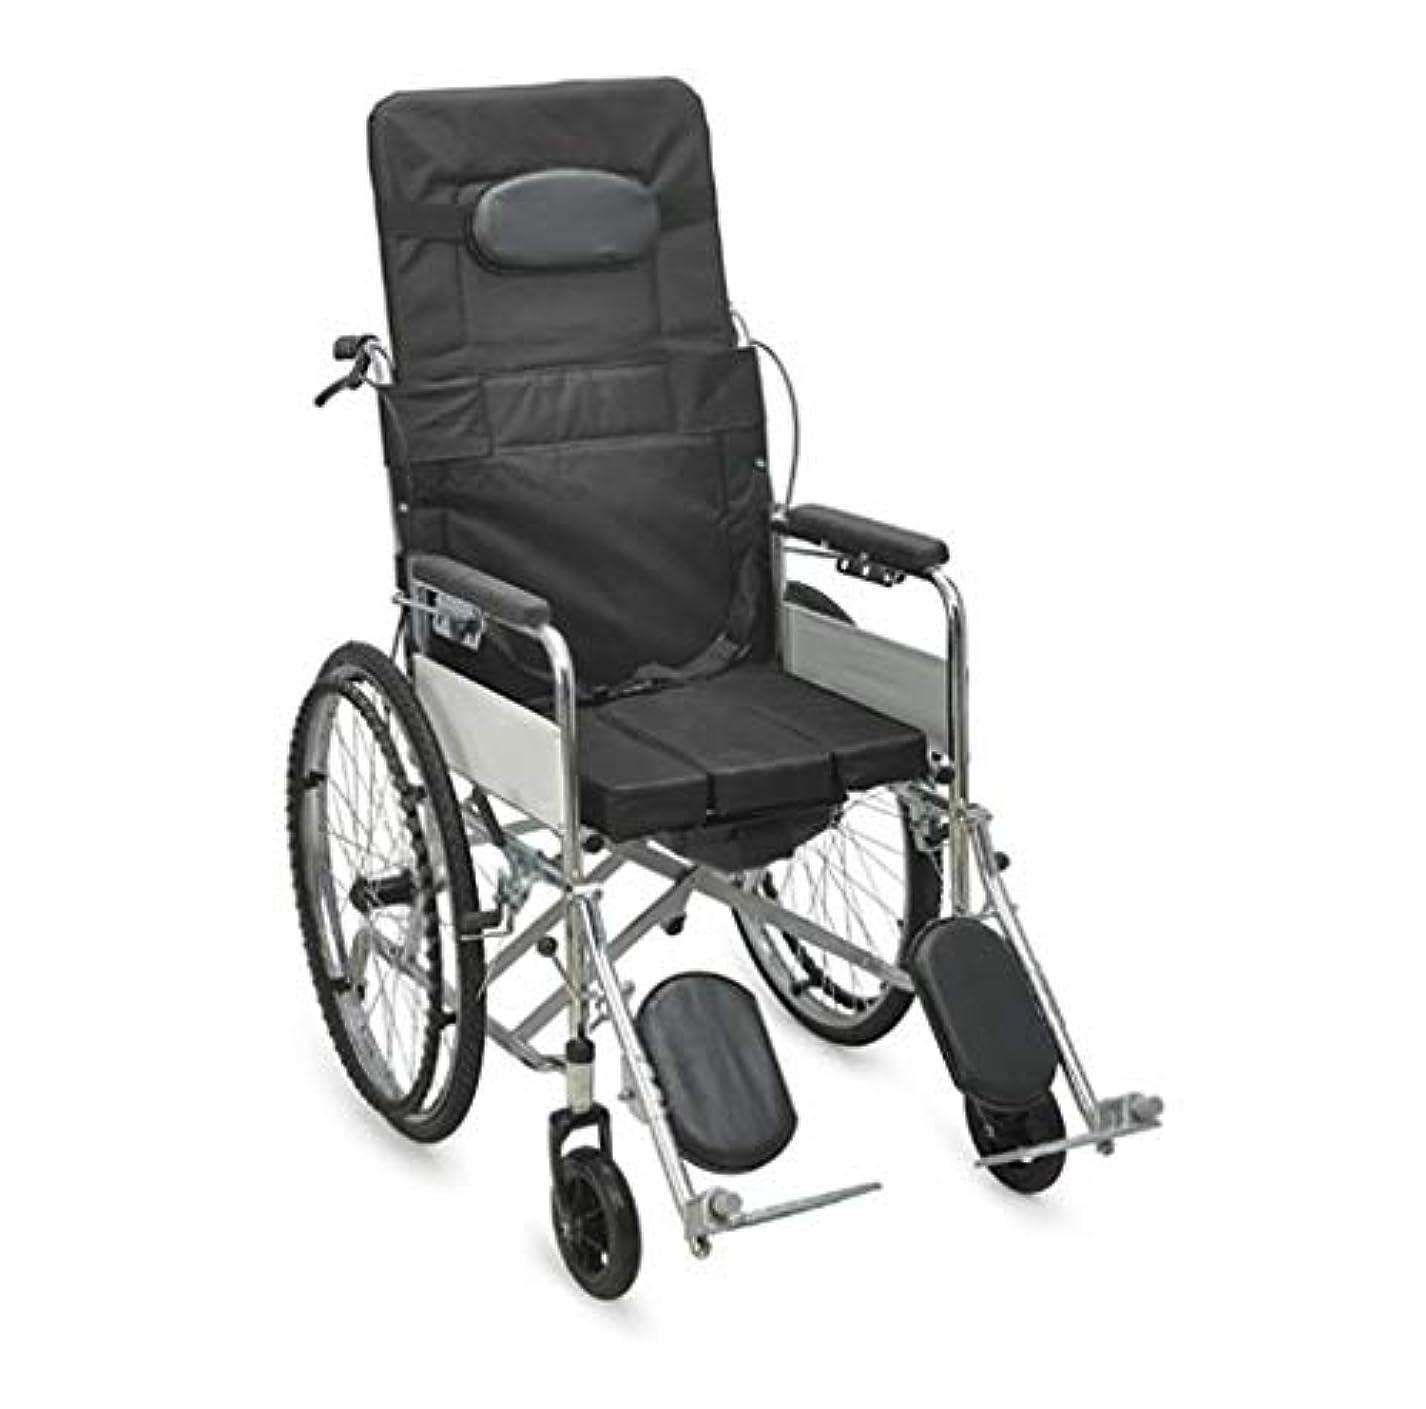 船外手を差し伸べる七面鳥自走式車椅子、高齢者に適した軽量モバイルデバイス、身体障害者および身体障害者用、ポータブル車椅子